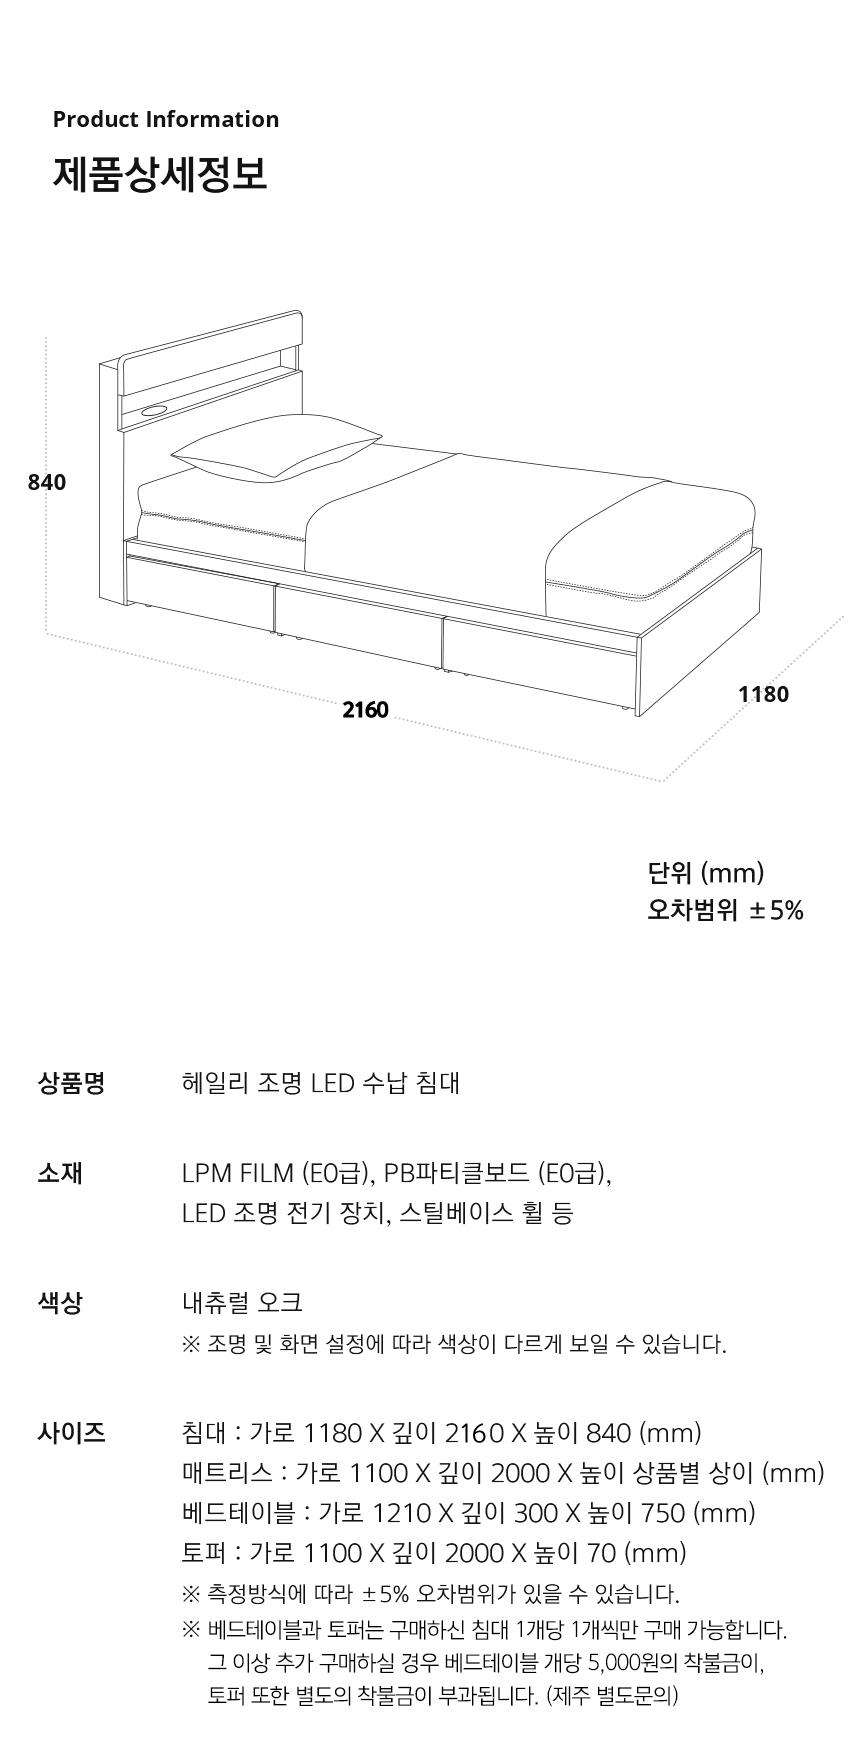 헤일리 LED 조명 수납 침대 제품 설명 보기